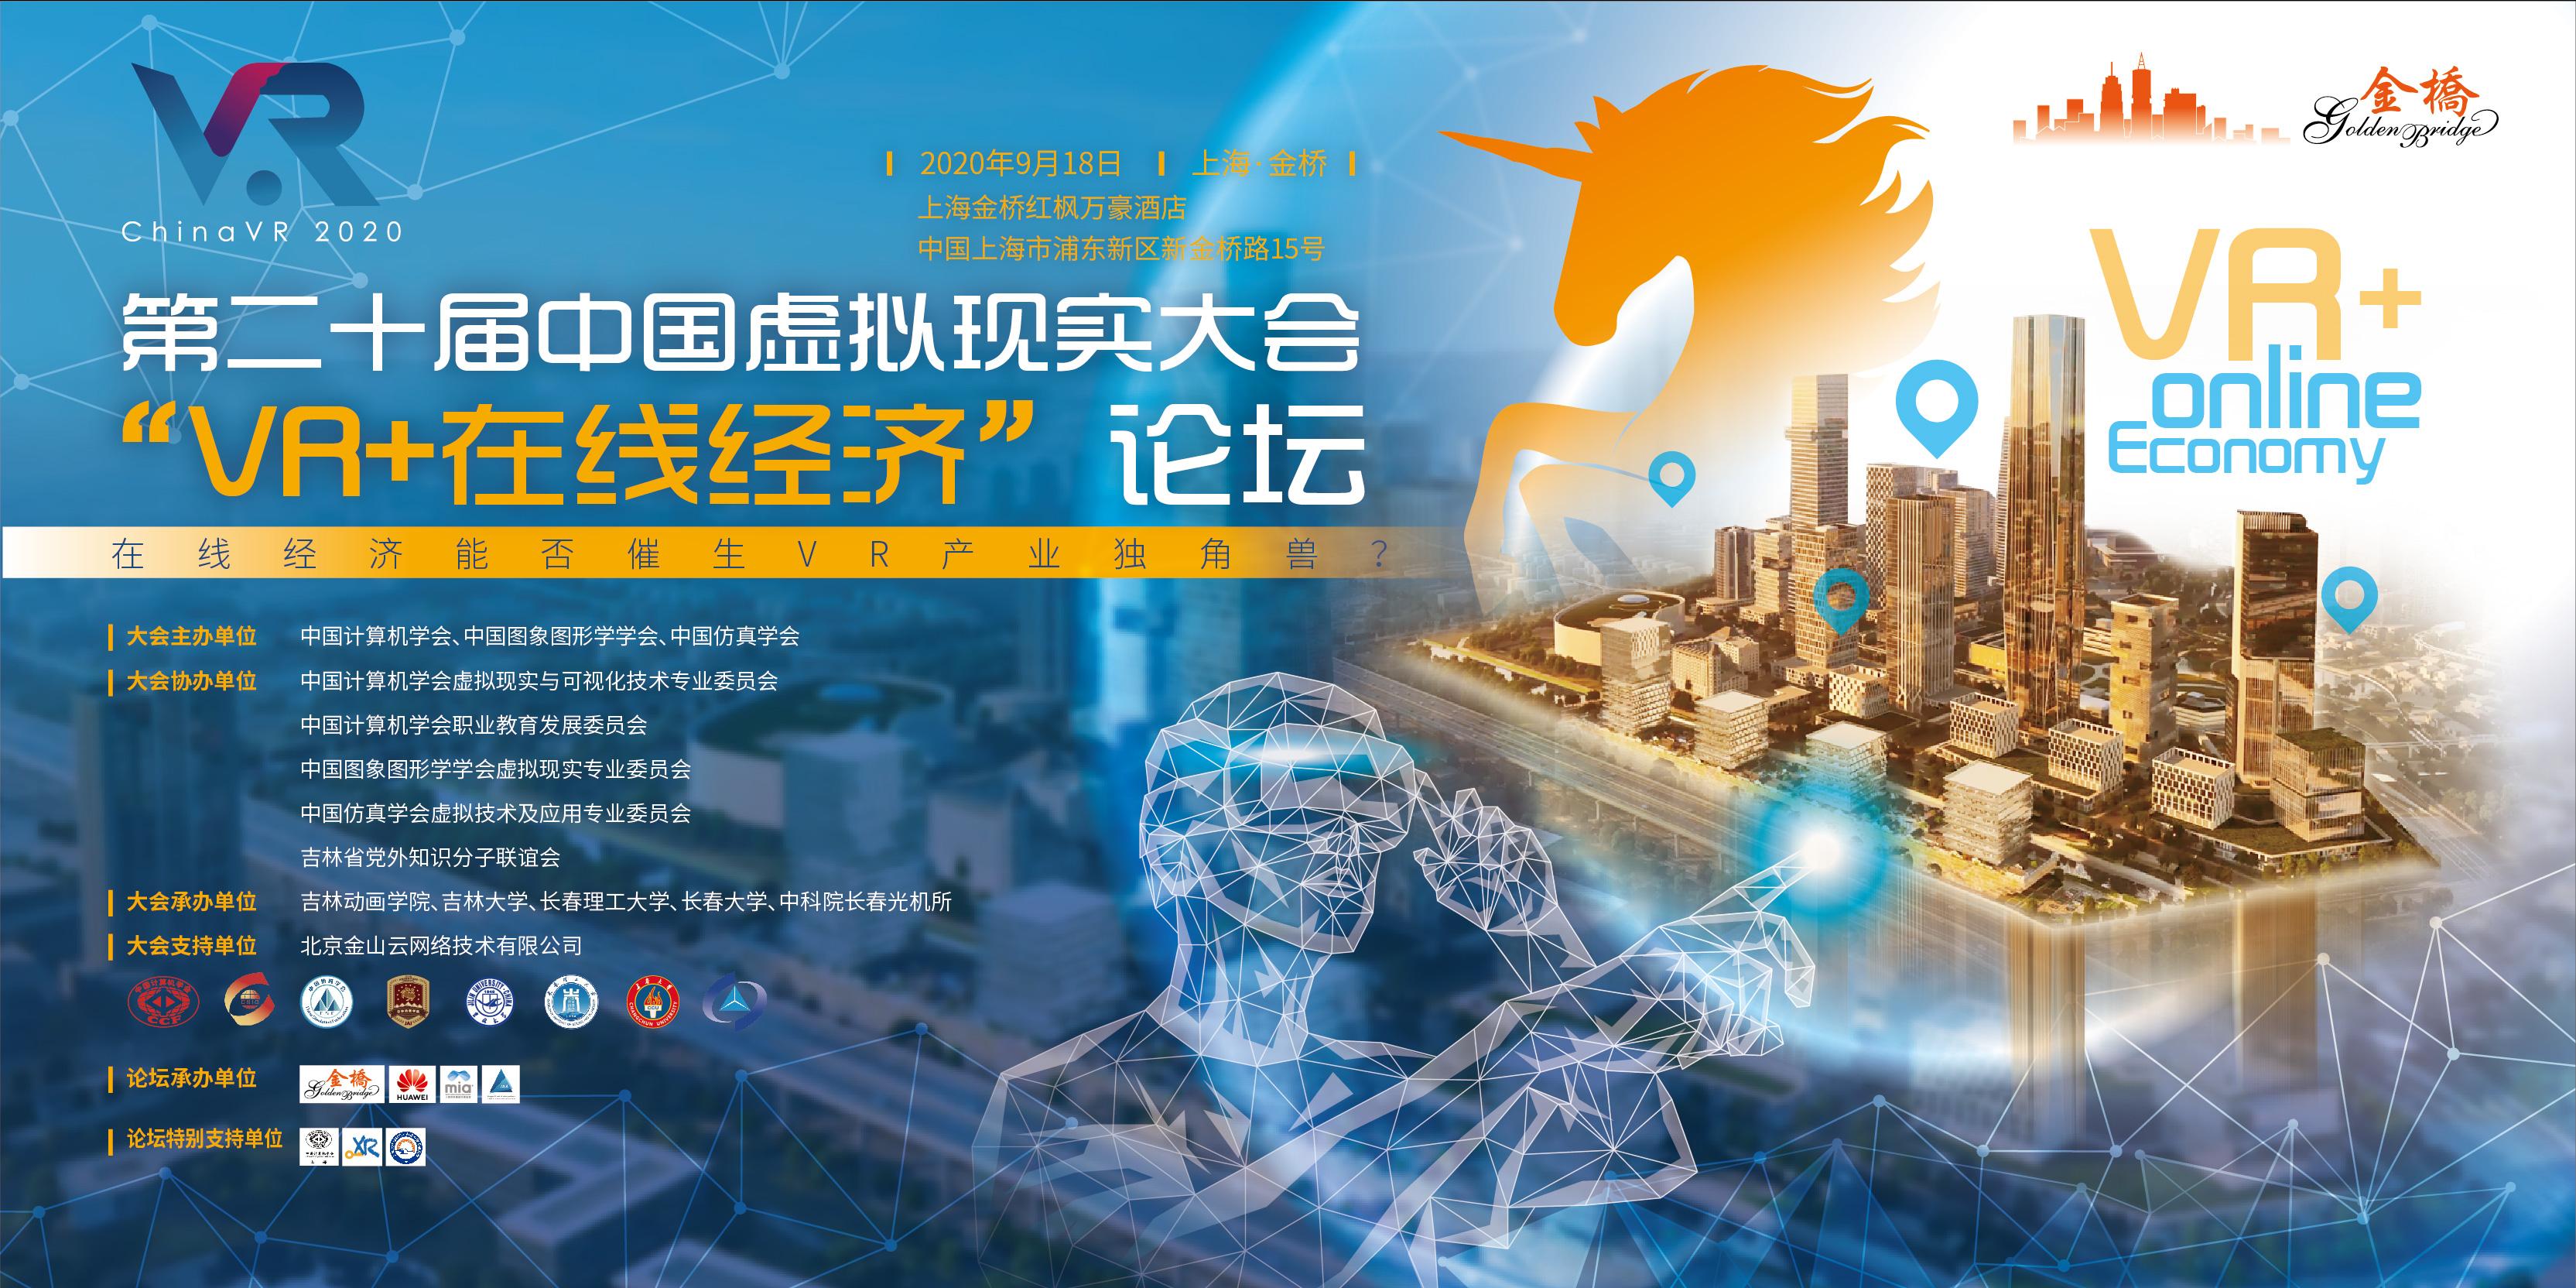 """第二十届中国虚拟现实大会""""VR+在线经济""""论坛"""